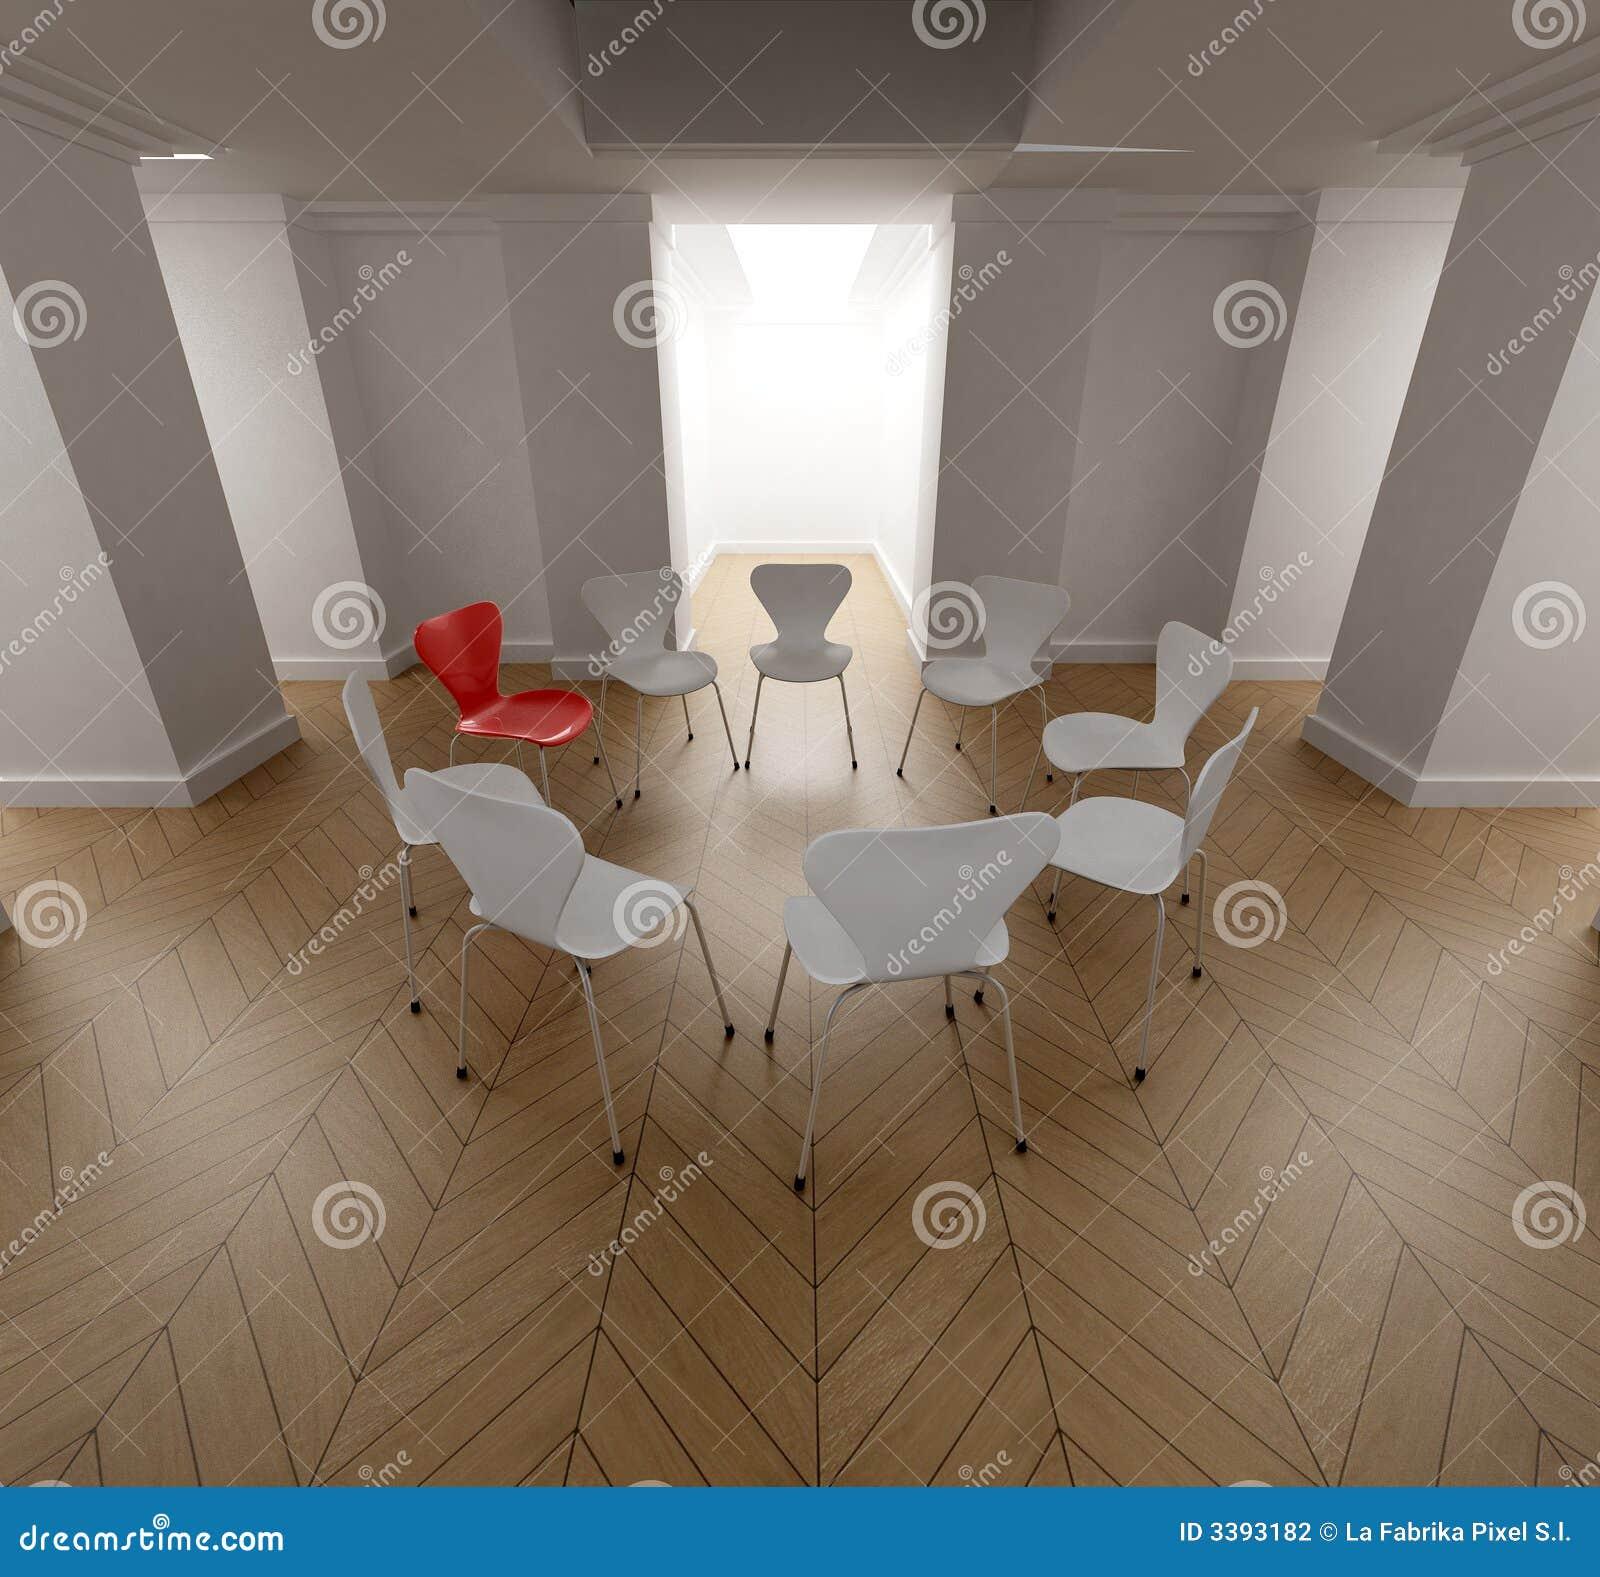 Cirkel van stoelen